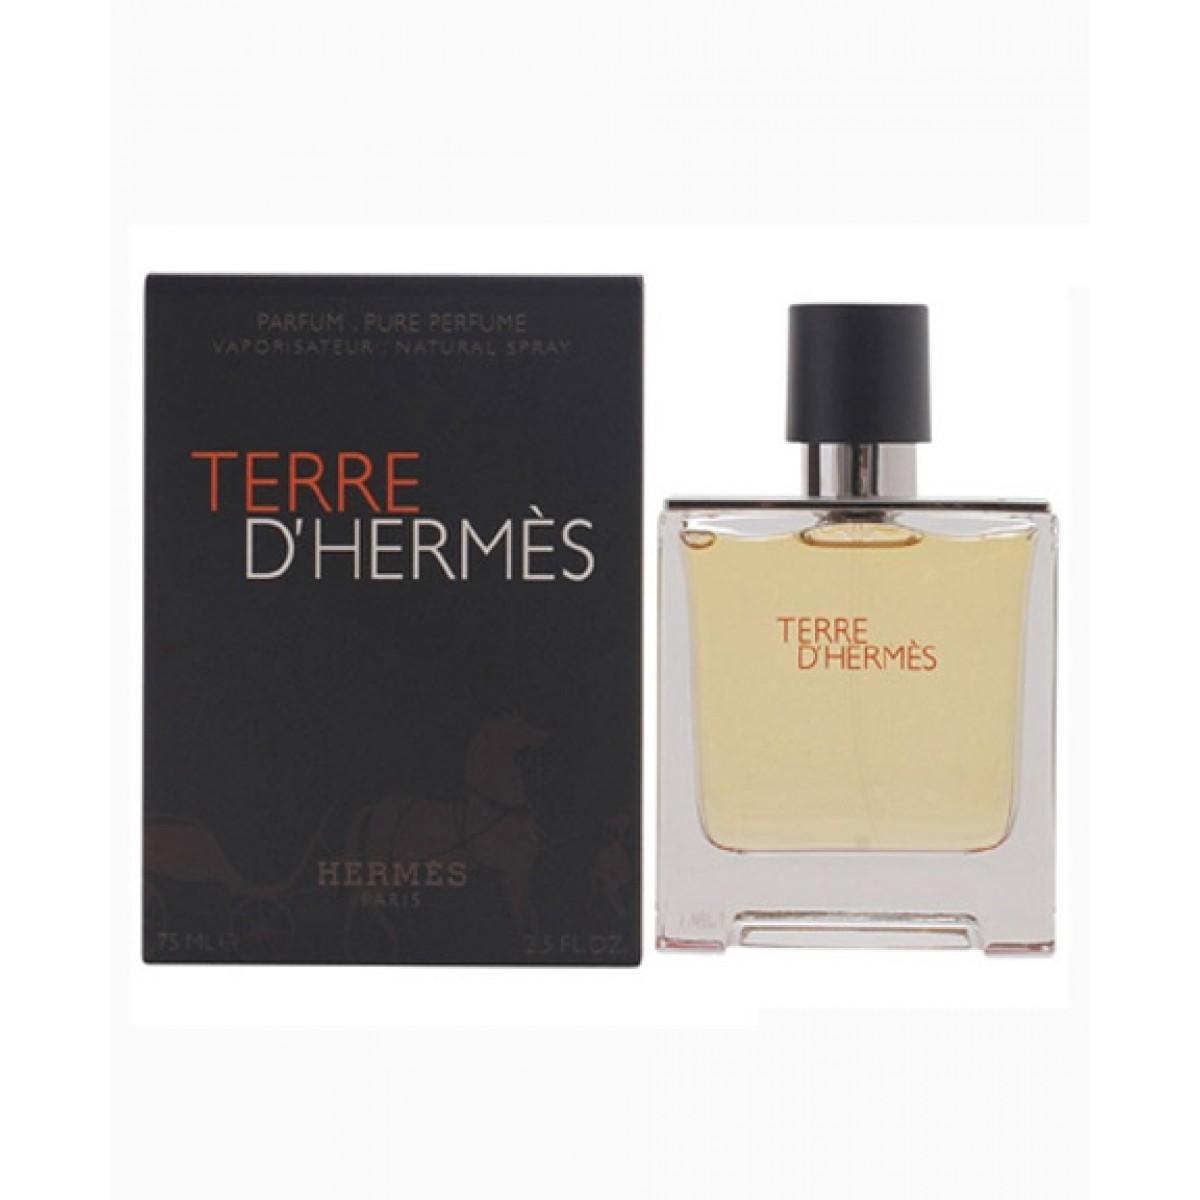 Hermes Terre Eau De Parfum 75ml Price In Pakistan Buy Hermes Terre